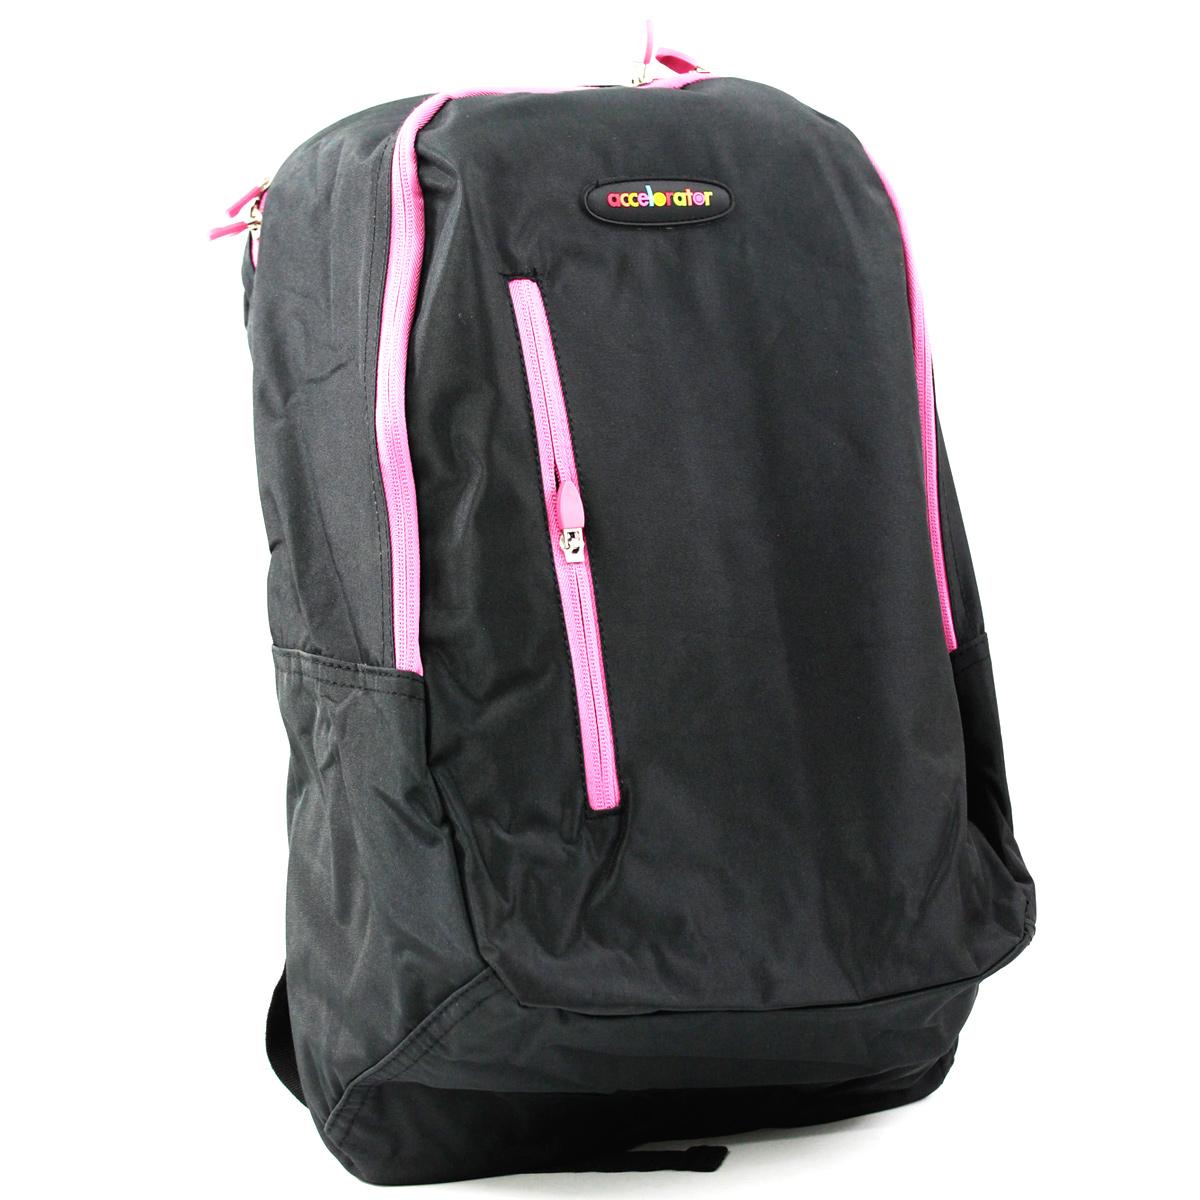 Рюкзак с розовыми молниями. Цена, купить Рюкзак с розовыми ...